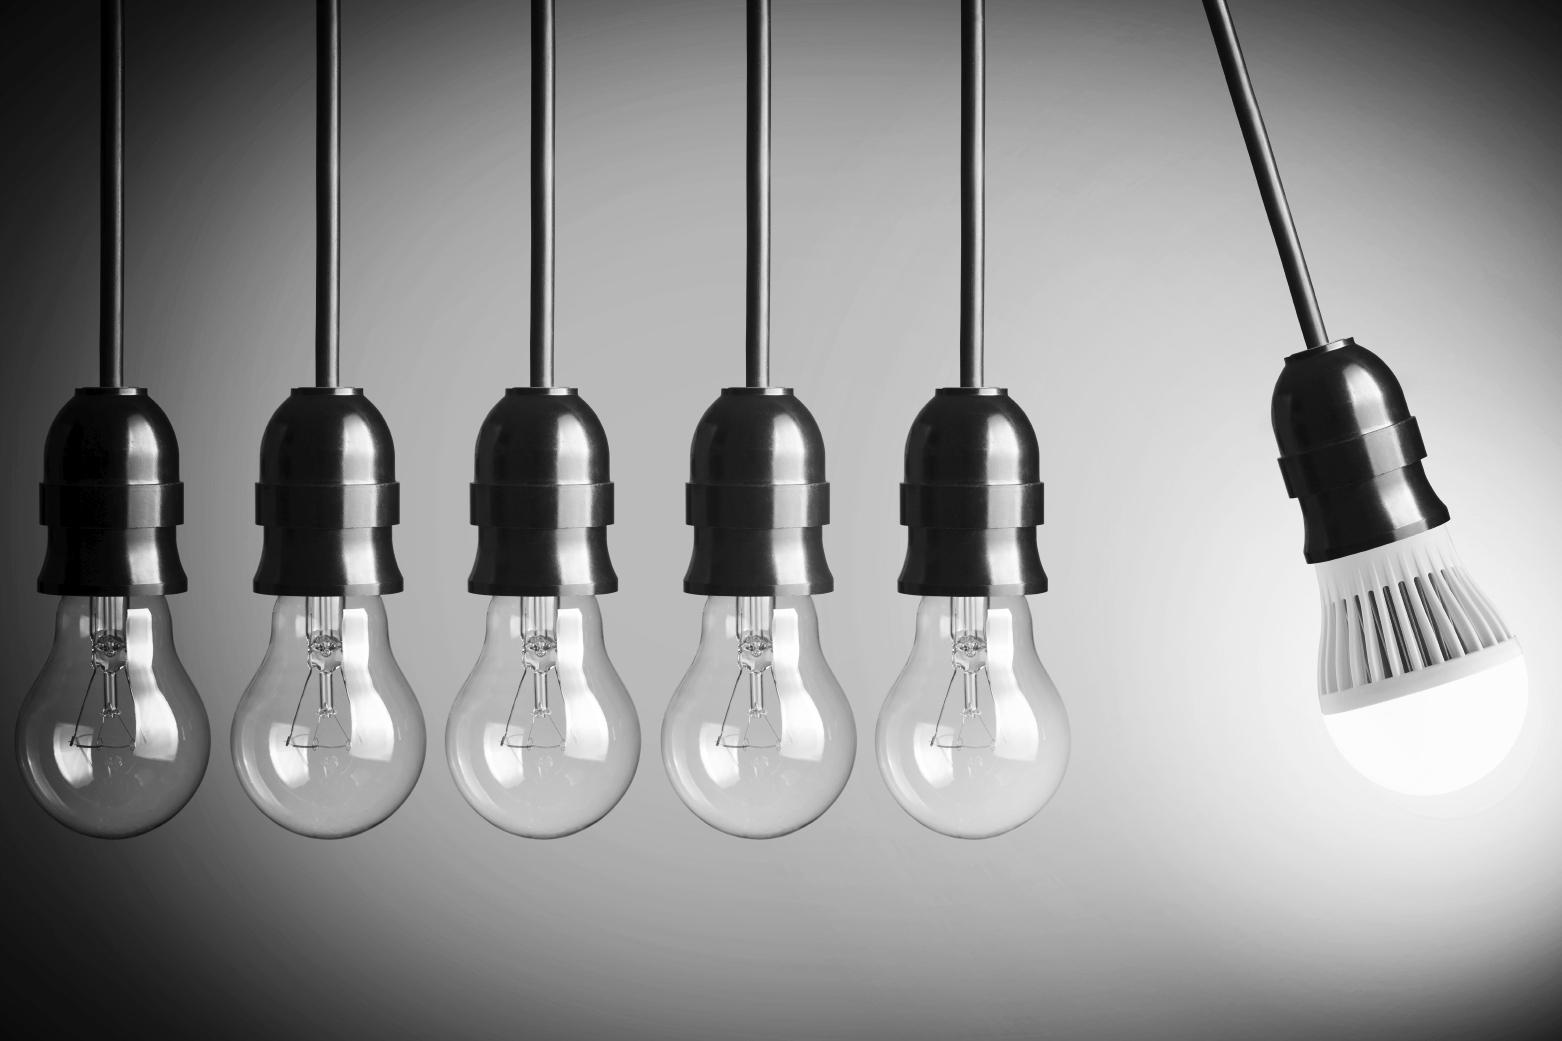 OPORTUNIDADES - Detectamos que involucrarse en los procesos de medición de resultados de la empresa y la genuina interacción de confianza entre cliente y agencia, son áreas de oportunidad que podemos aprovechar para que tu negocio implemente estrategias innovadoras